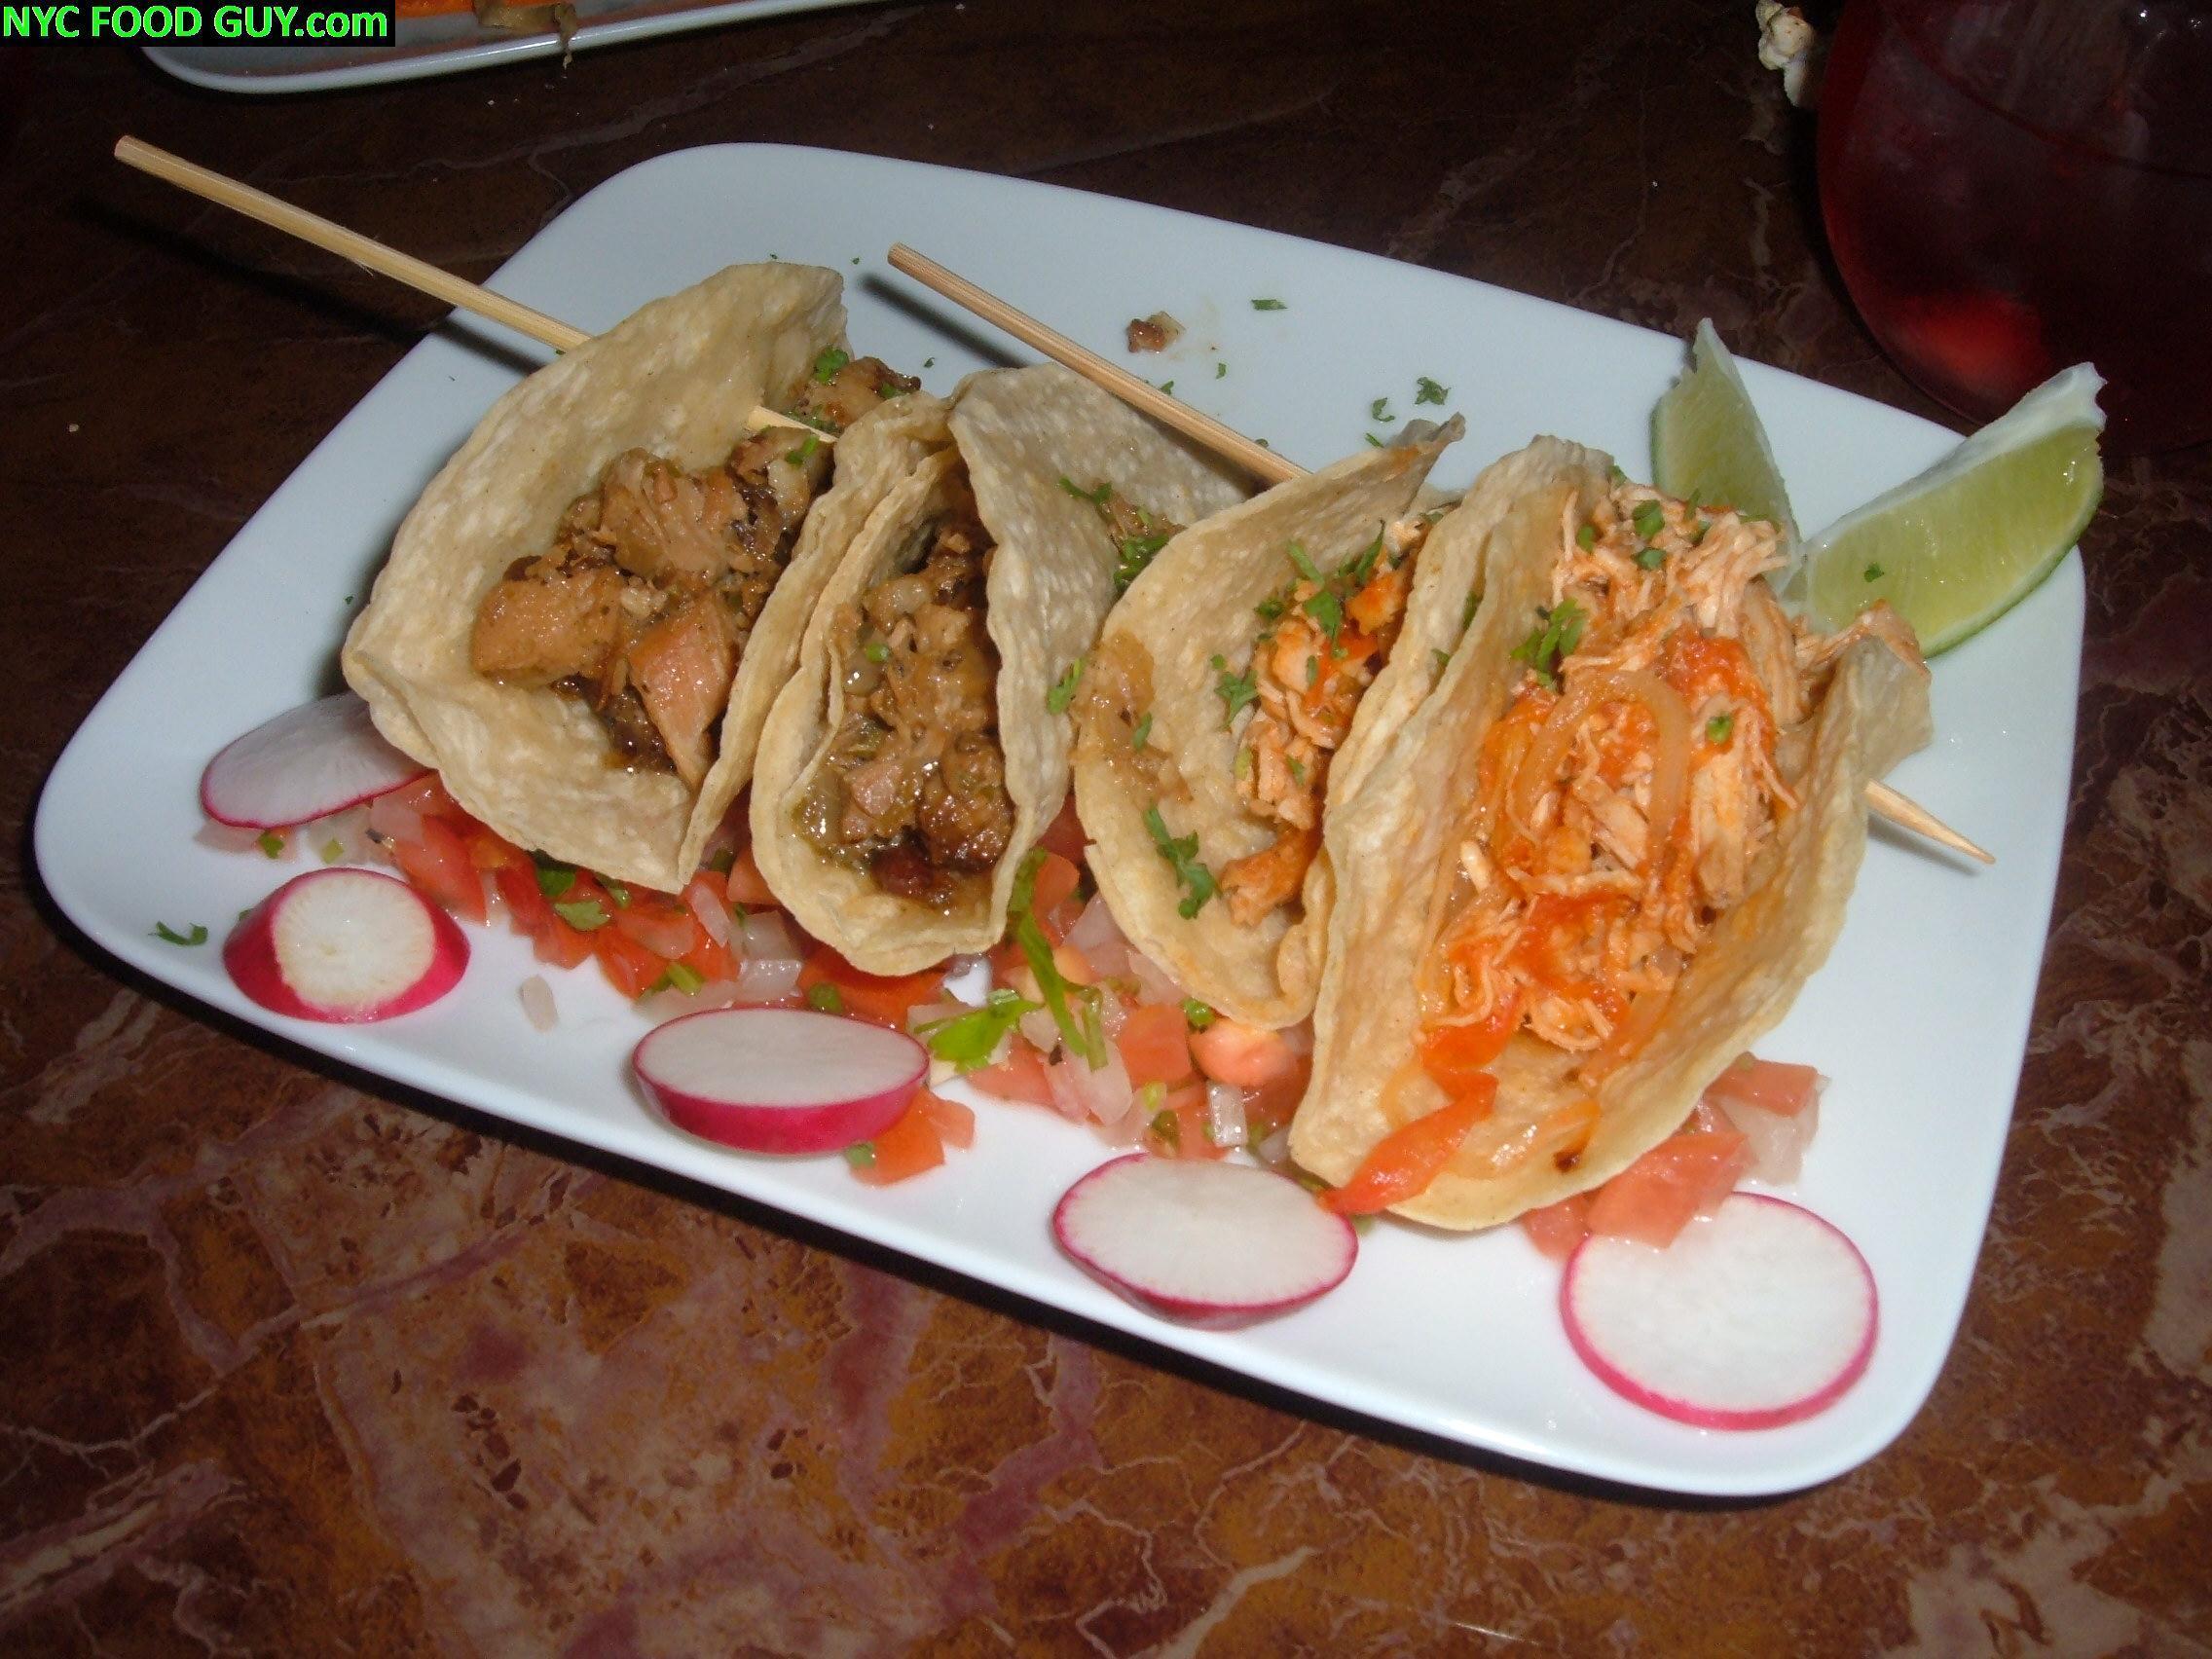 Pork (left) & Chicken (right) tacos